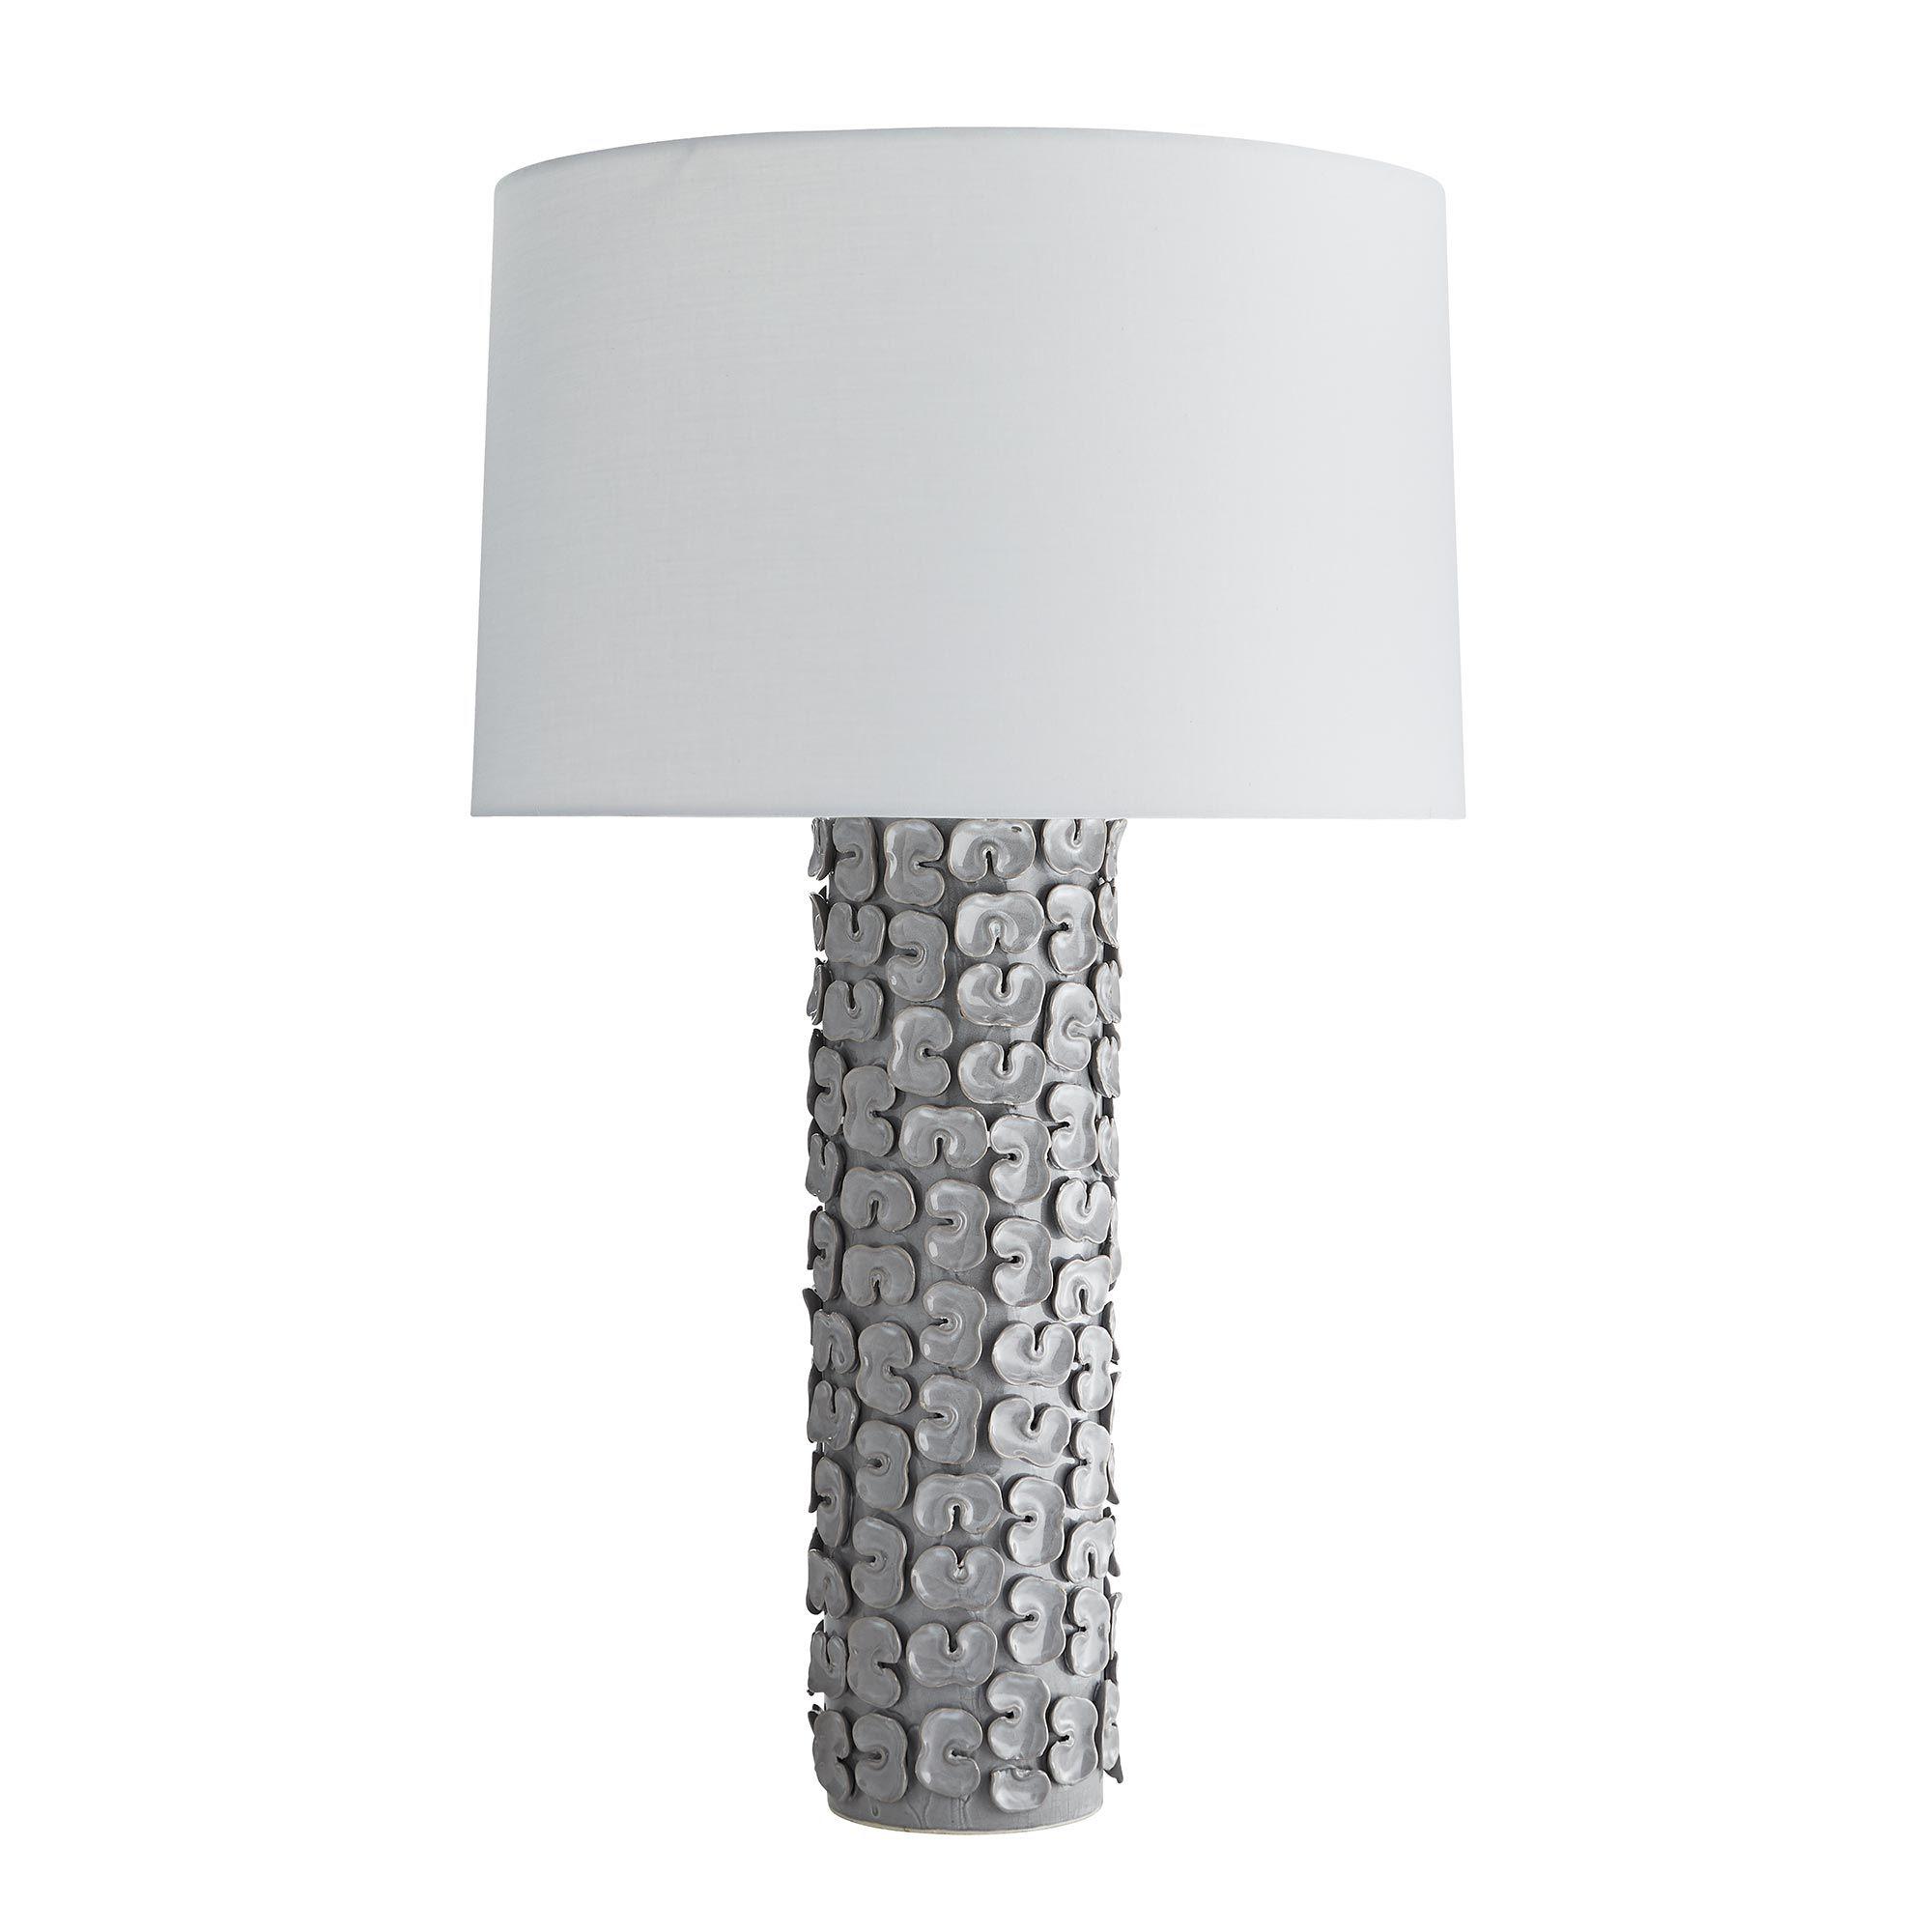 Palma Lamp